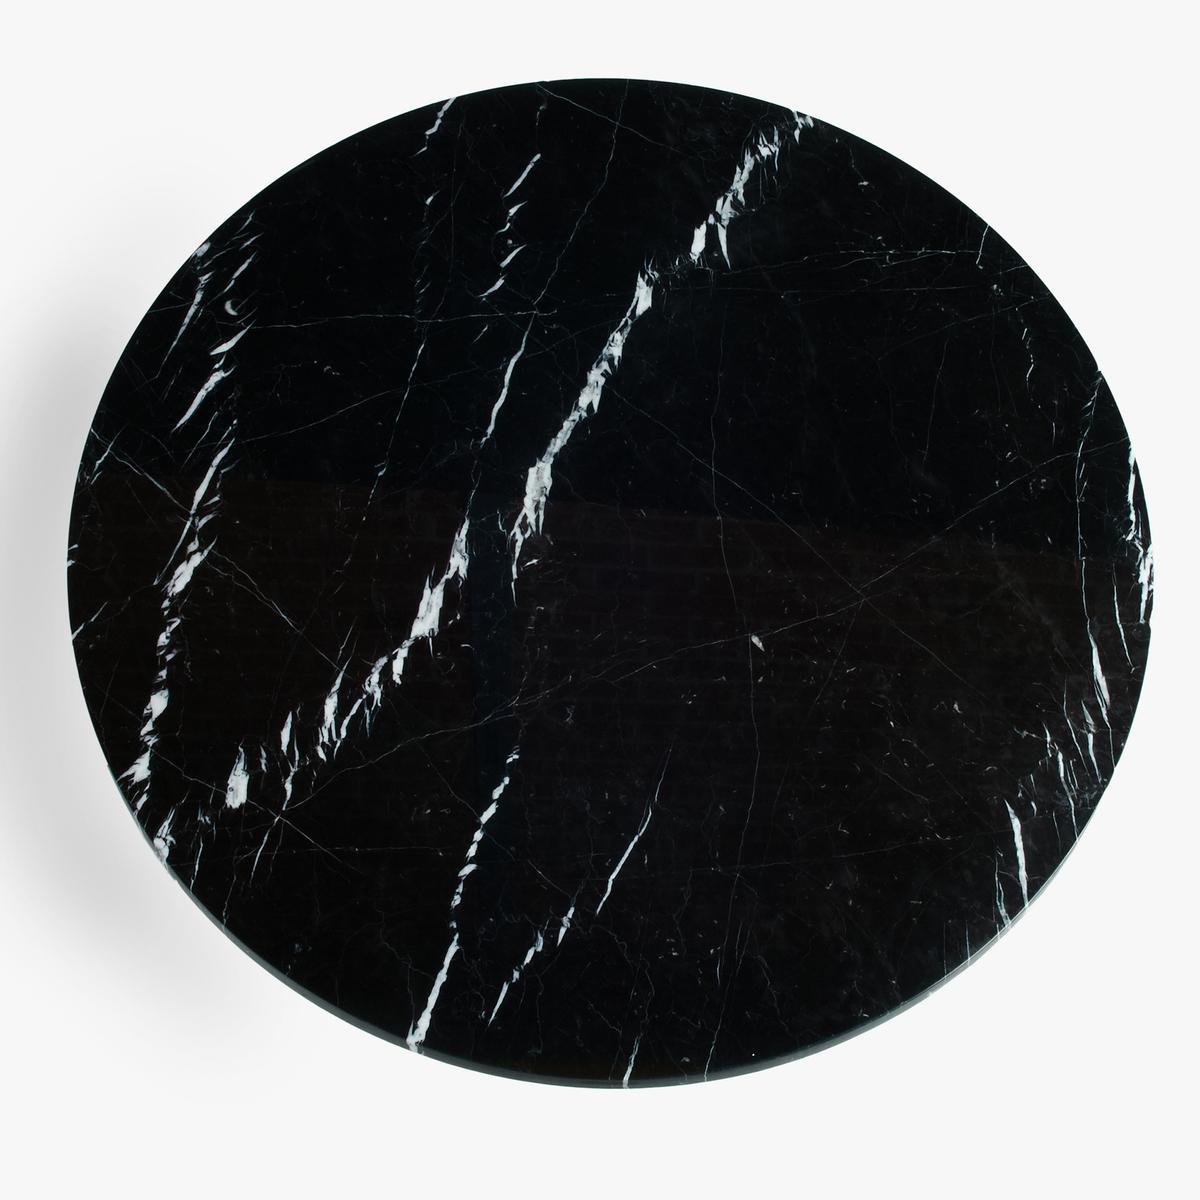 Столешница из мрамора Ø120 см, Aradan